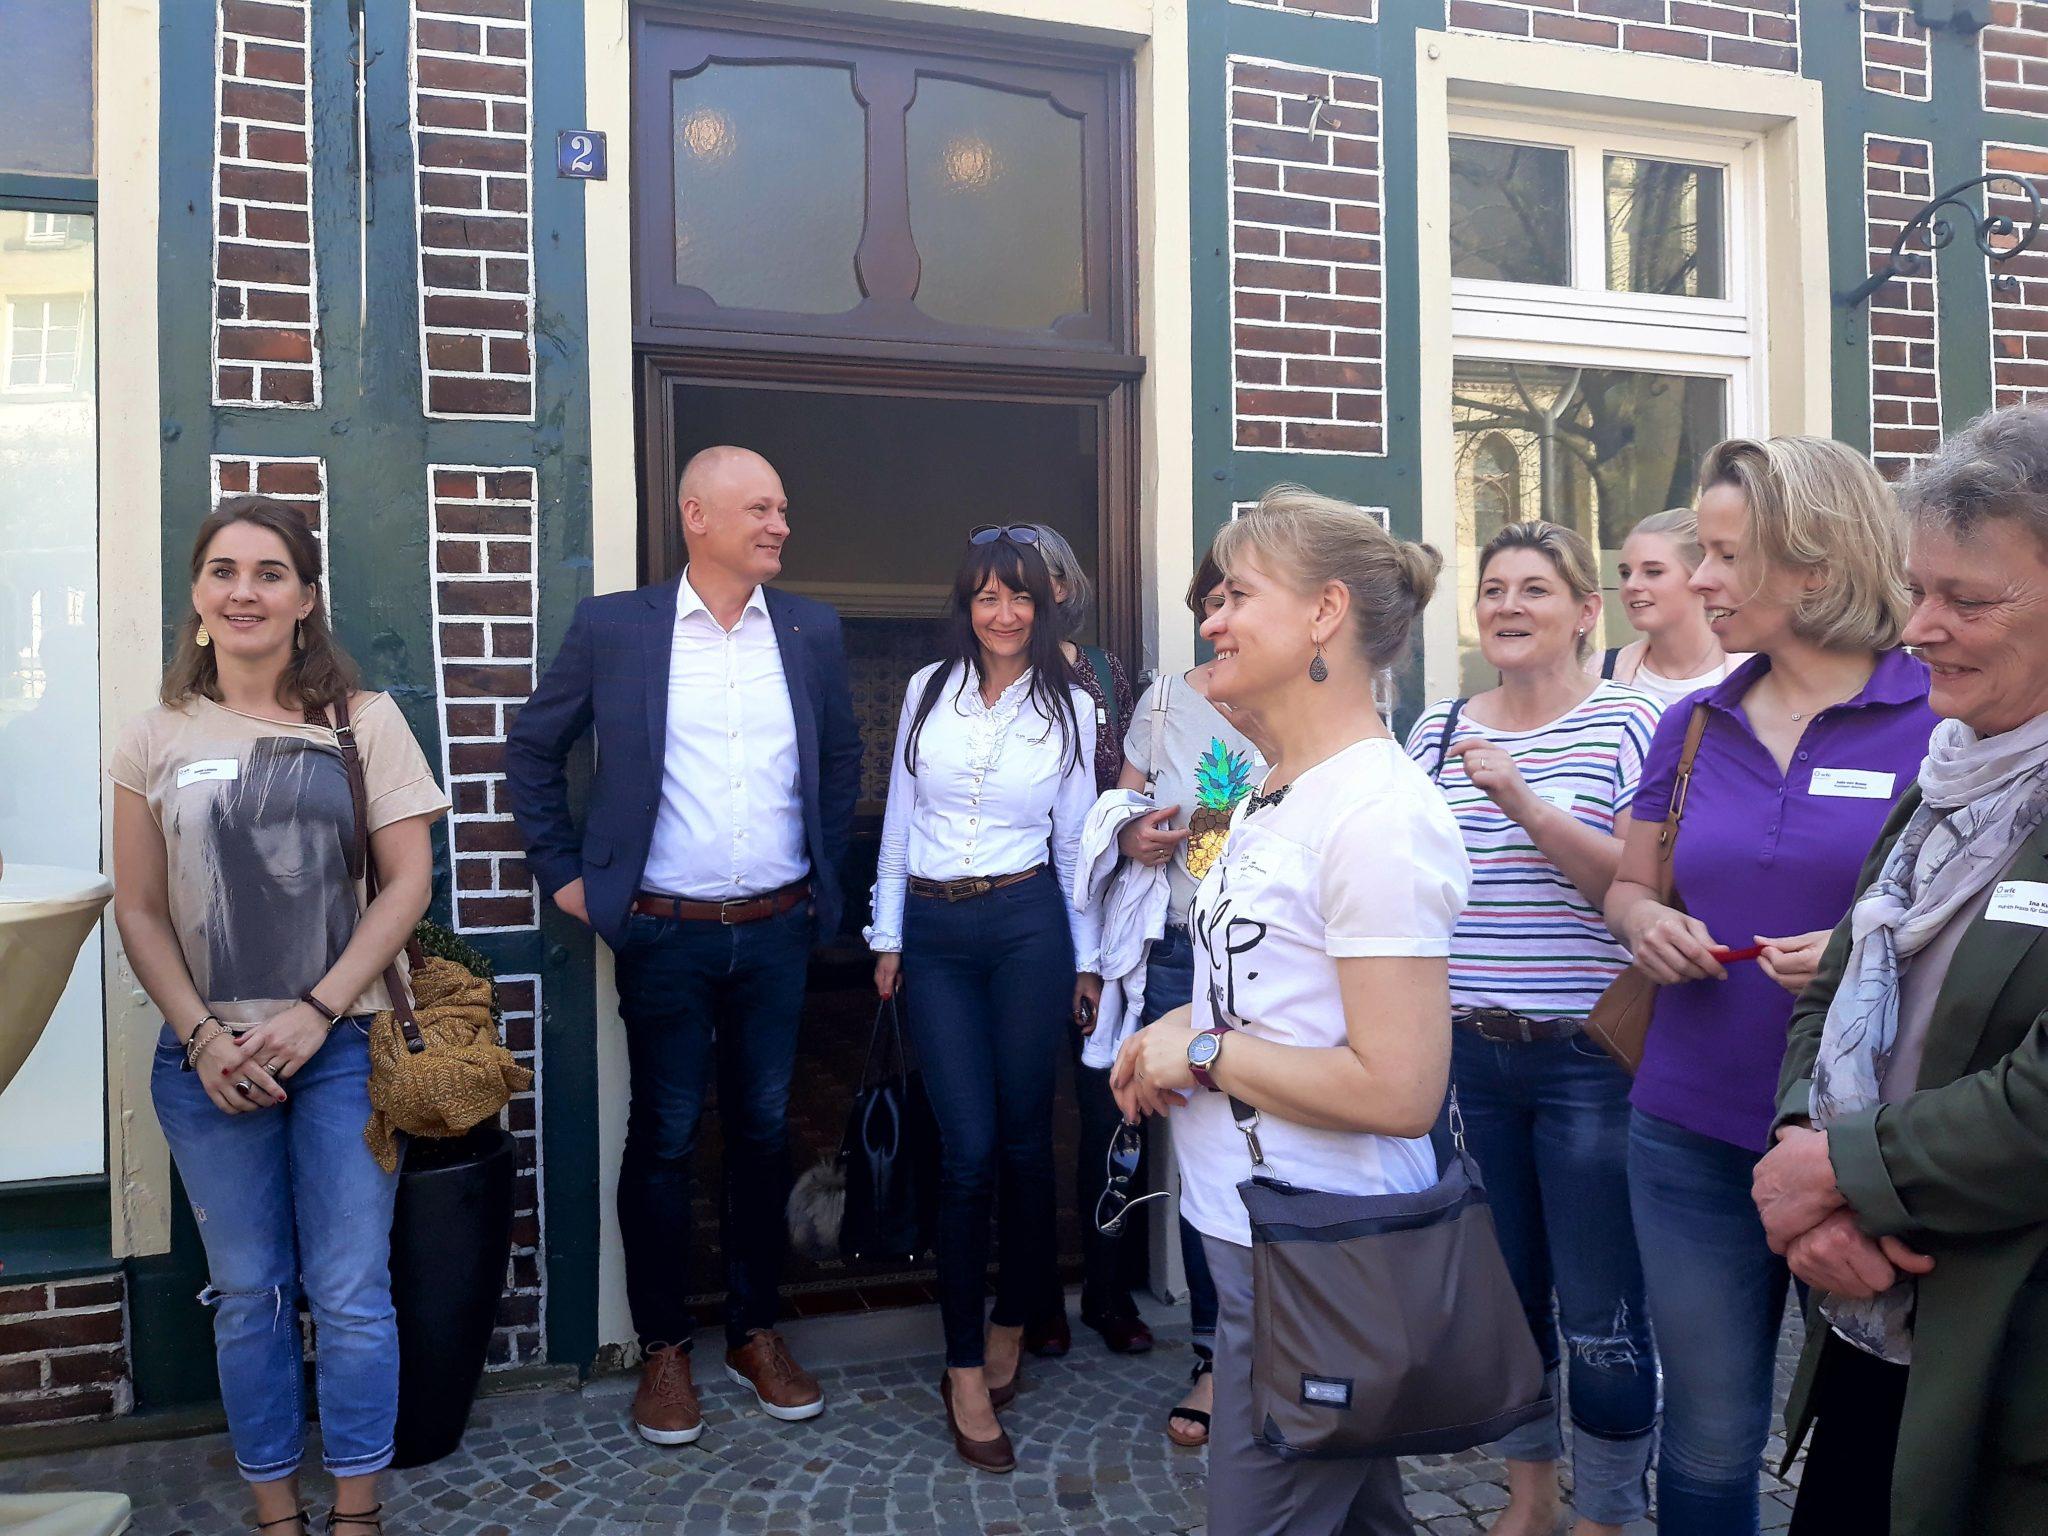 Neuauflage Unternehmerinnennetzwerk Kreis Coesfeld trifft sich zum zweiten Mal